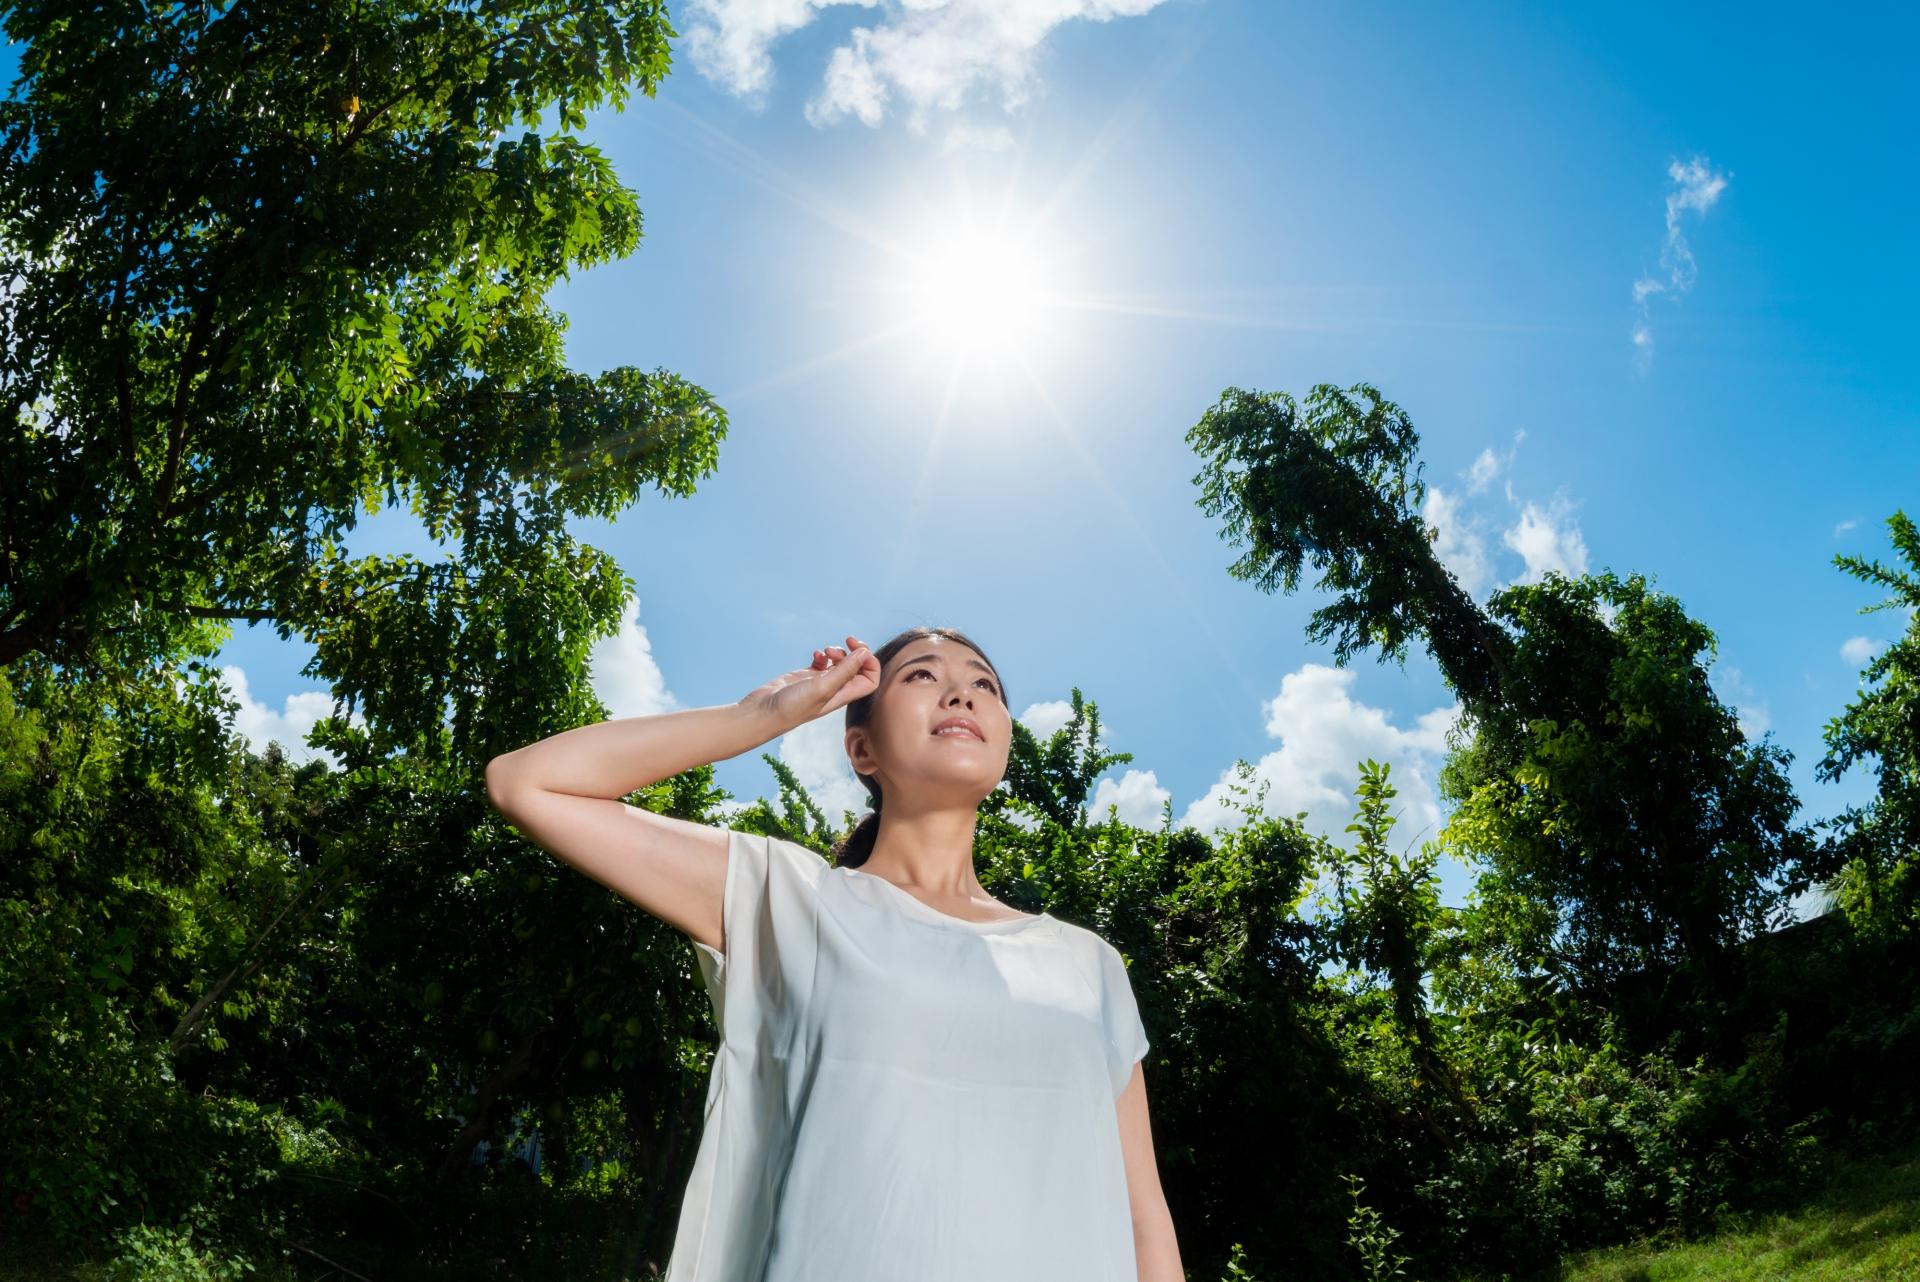 紫外線を浴びる女性